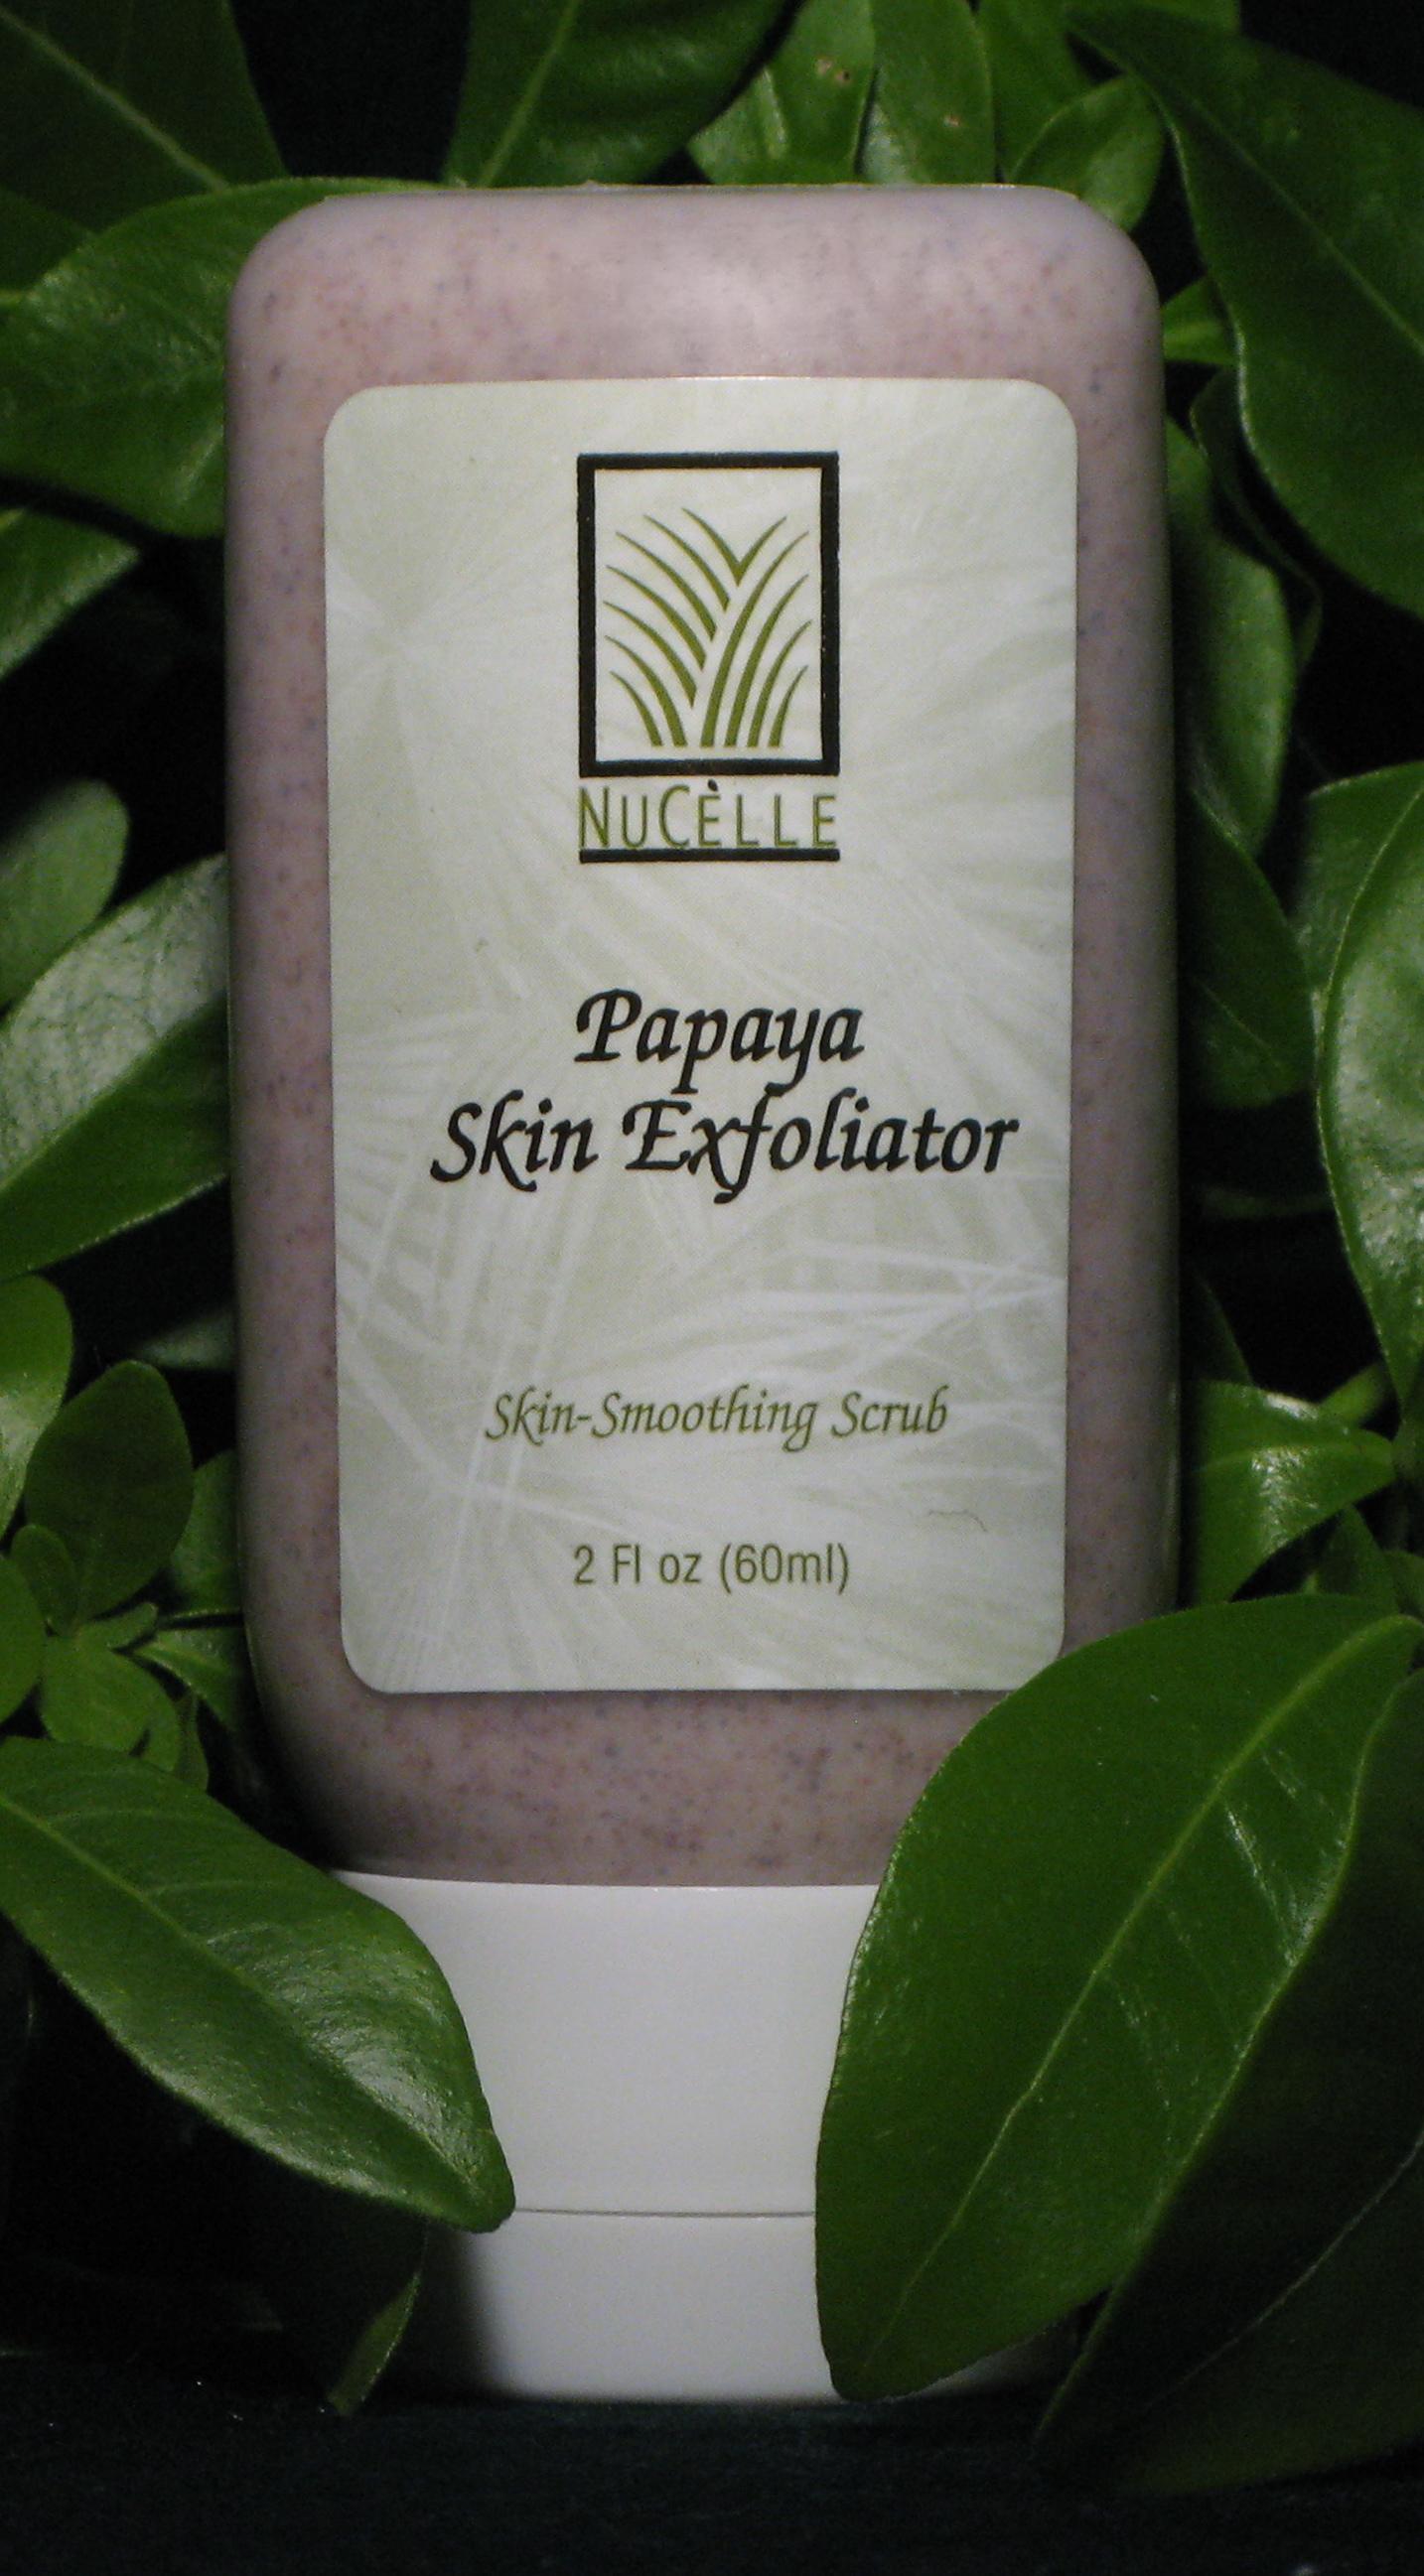 NuCelle Papaya Skin Exfoliator